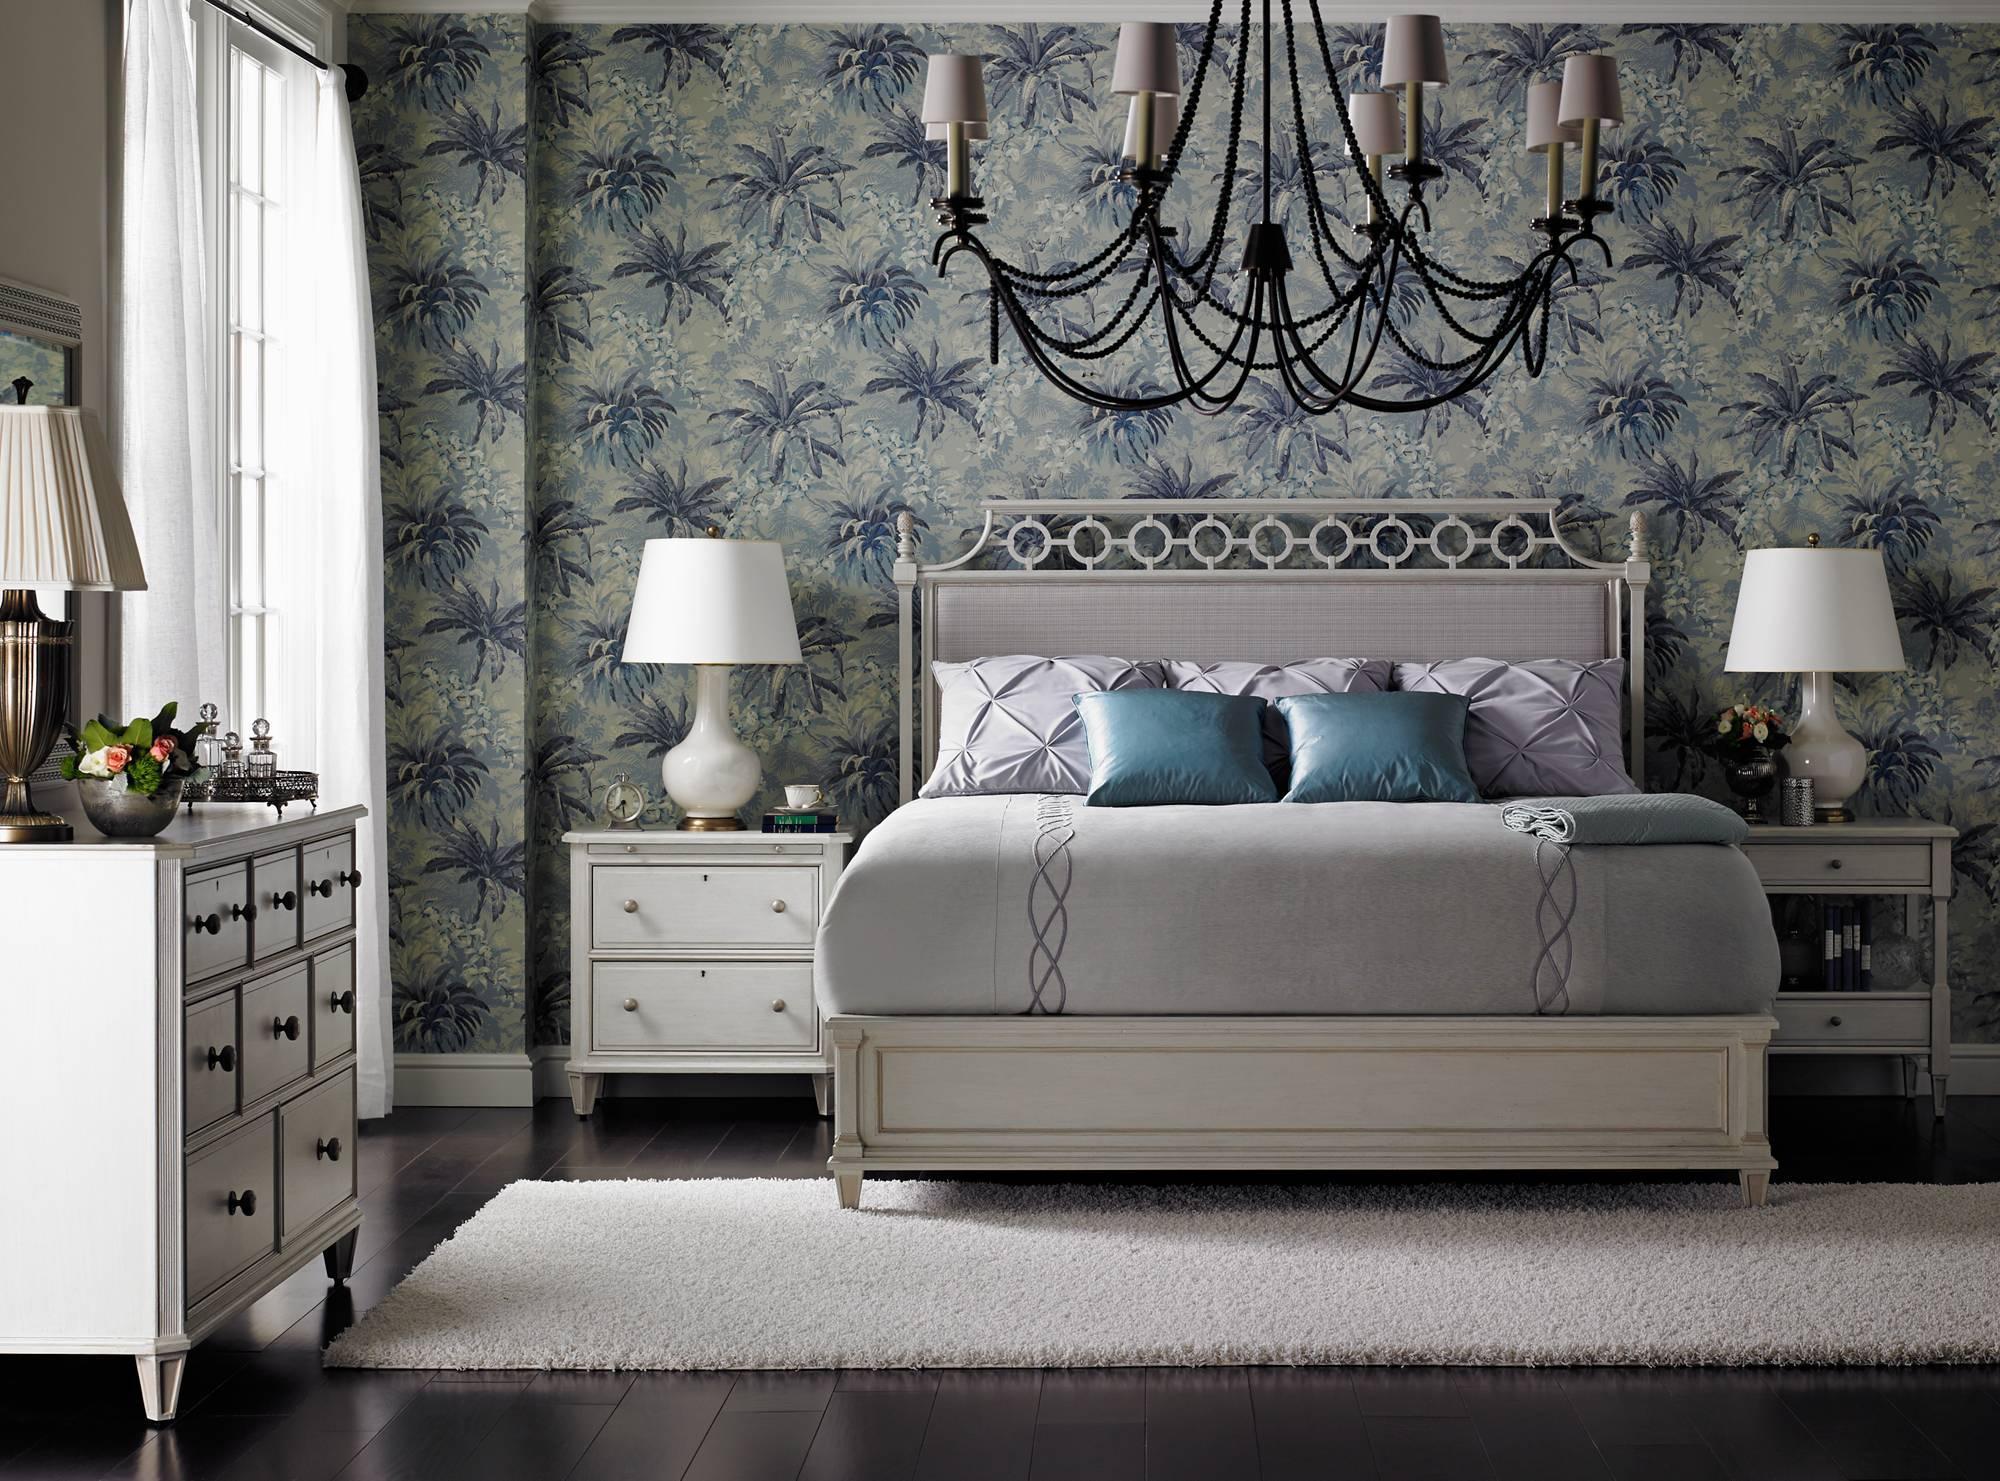 Stanley Furniture Preserve King Bedroom Group - Item Number: 340-2 K Bedroom Group 1